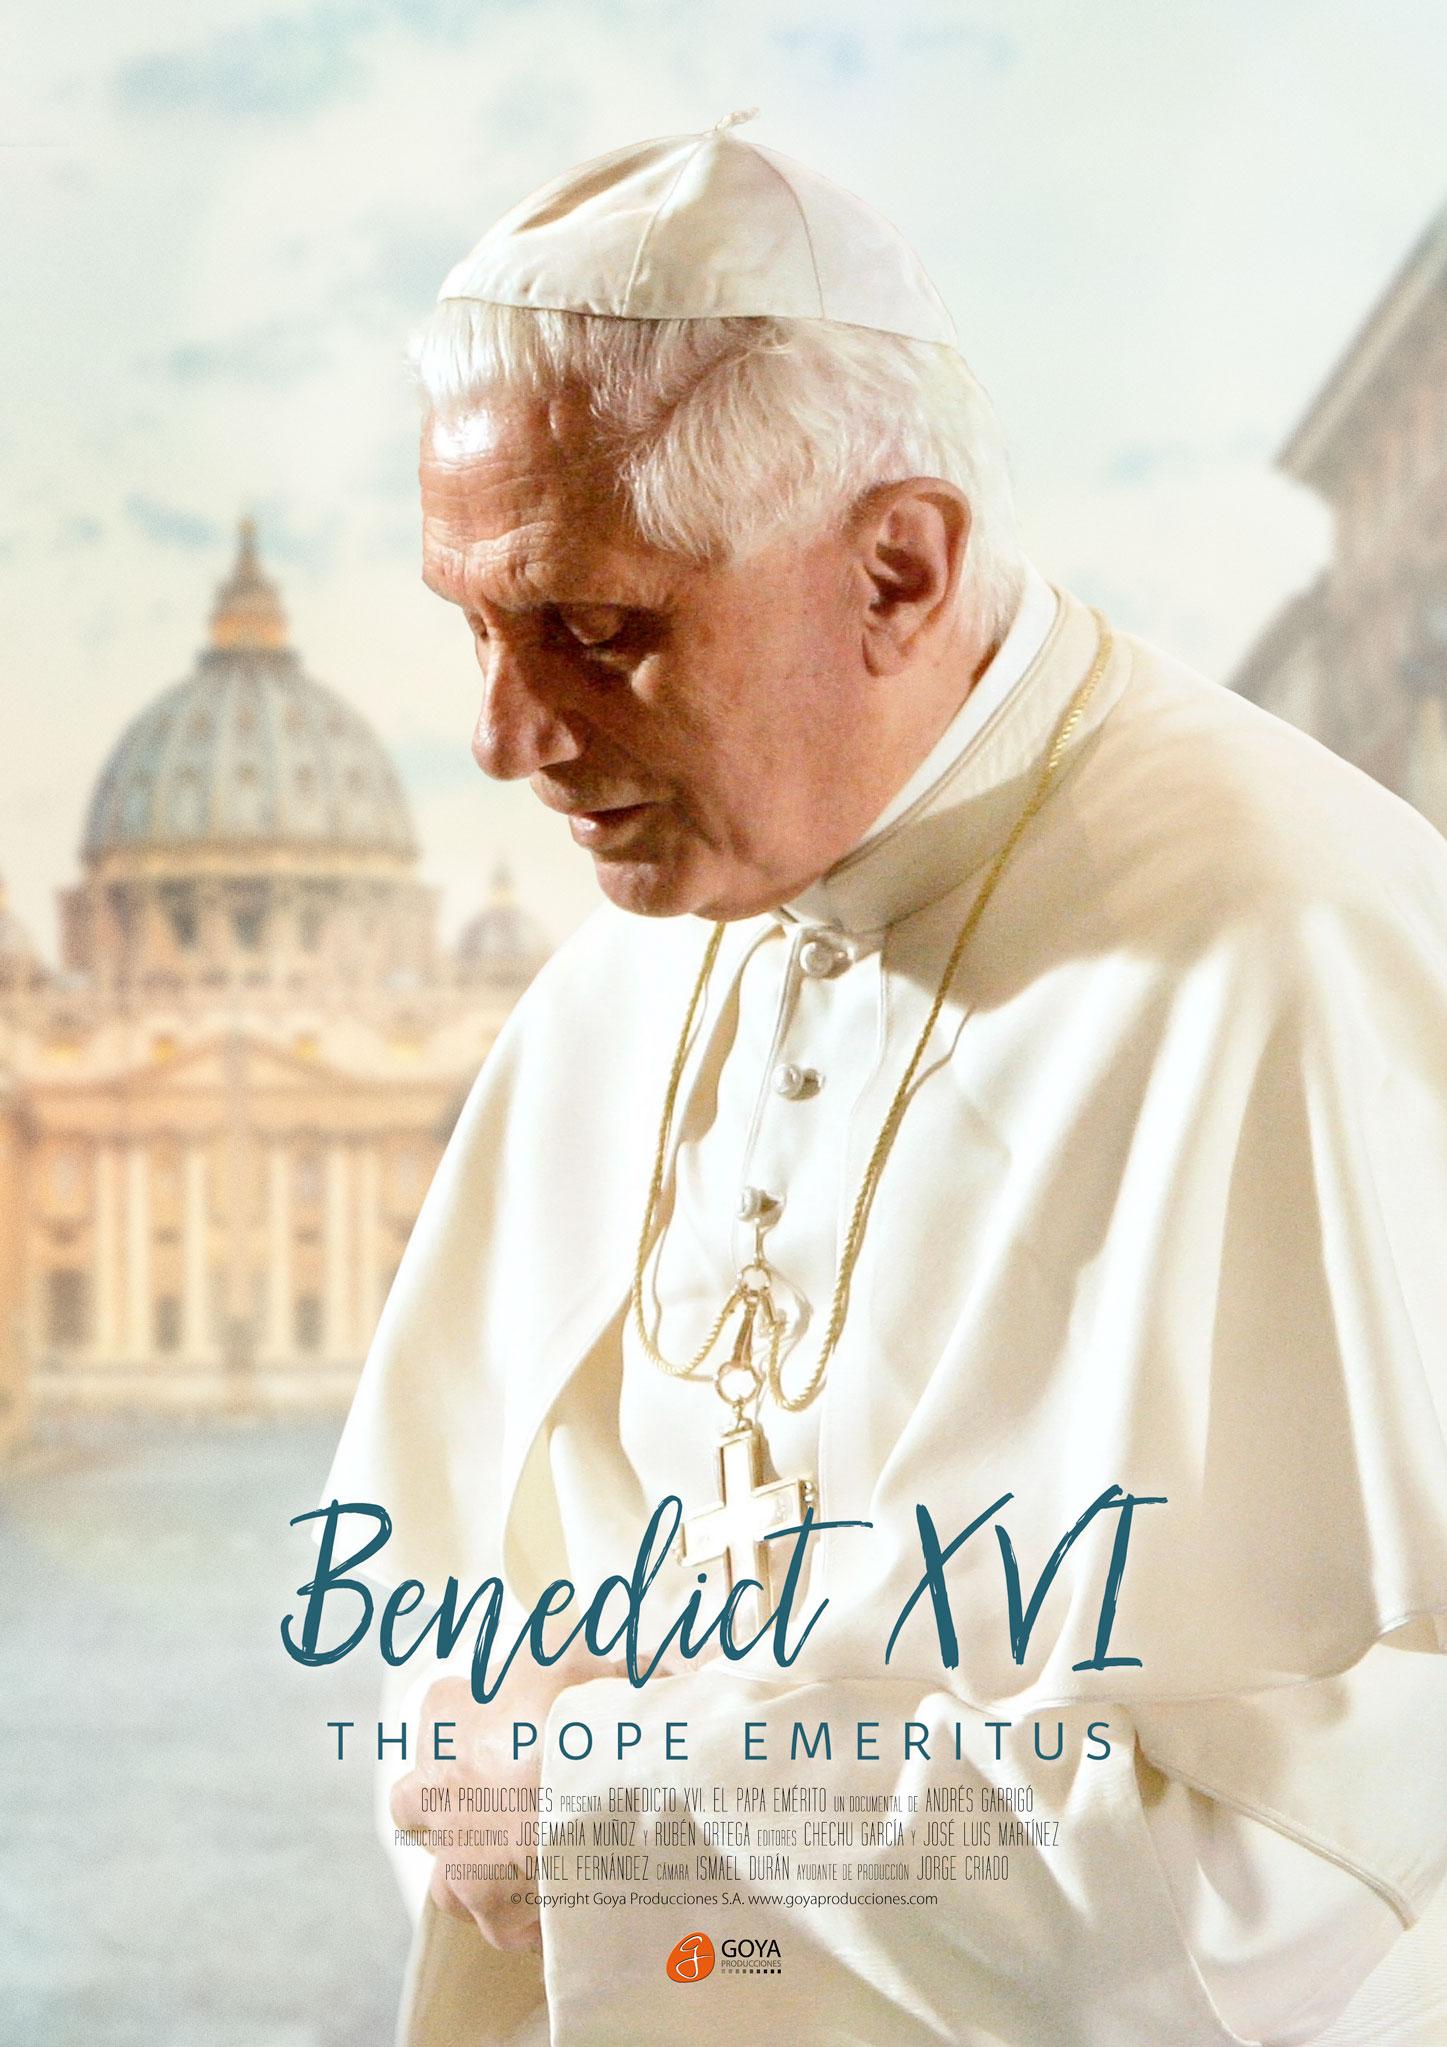 Benedict XVI: The Pope Emeritus - poster